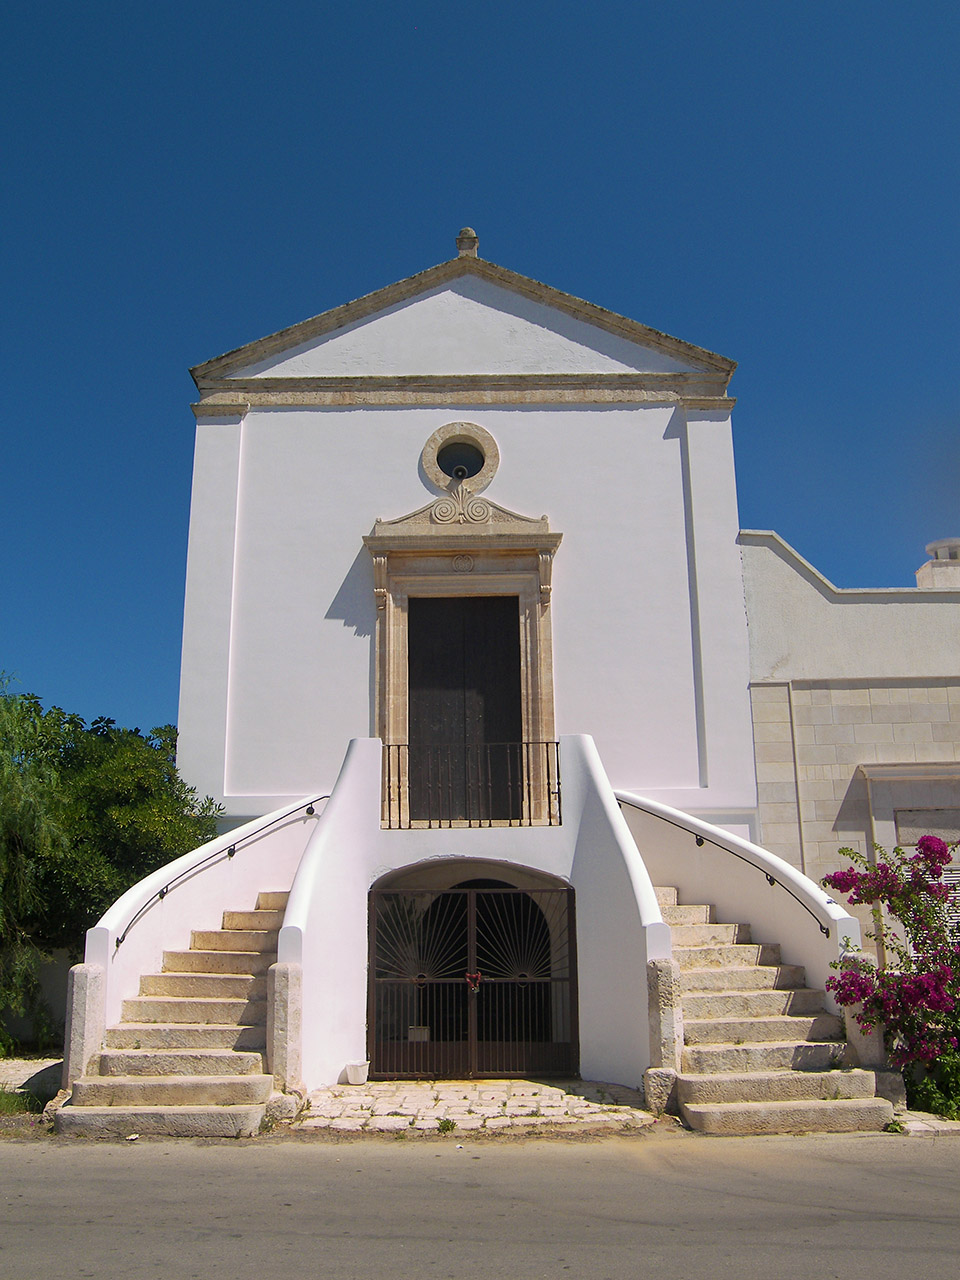 costruzioni restauri sirio ostuni chiesa madonna della croce villanova ostuni chiesetta villanova 1